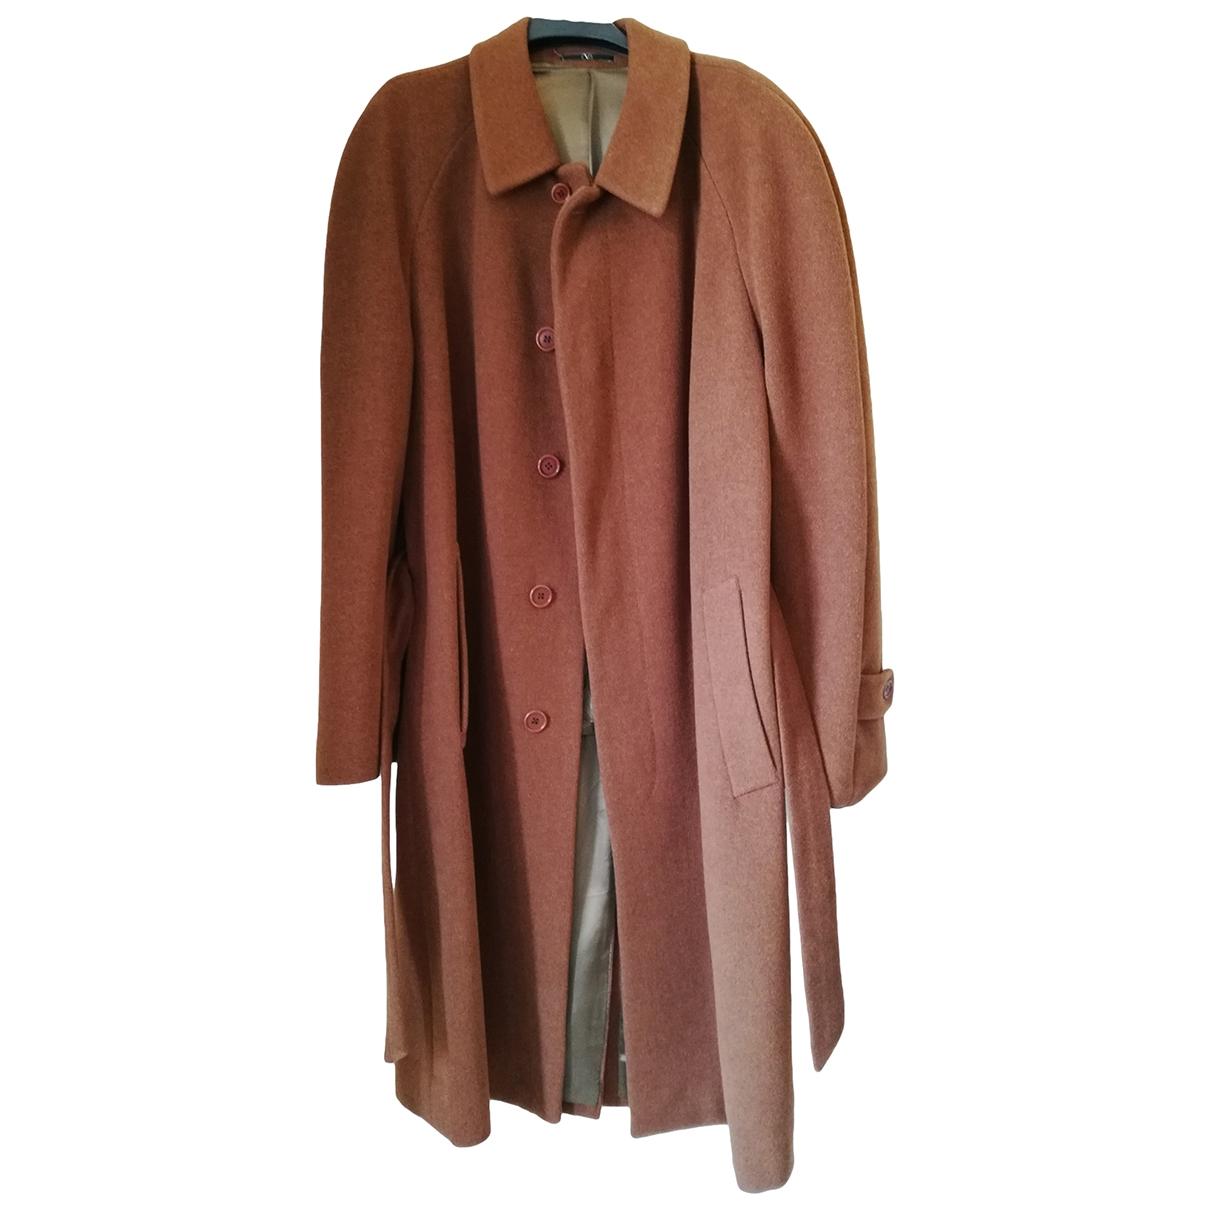 Valentino Garavani - Manteau   pour homme en laine - marron